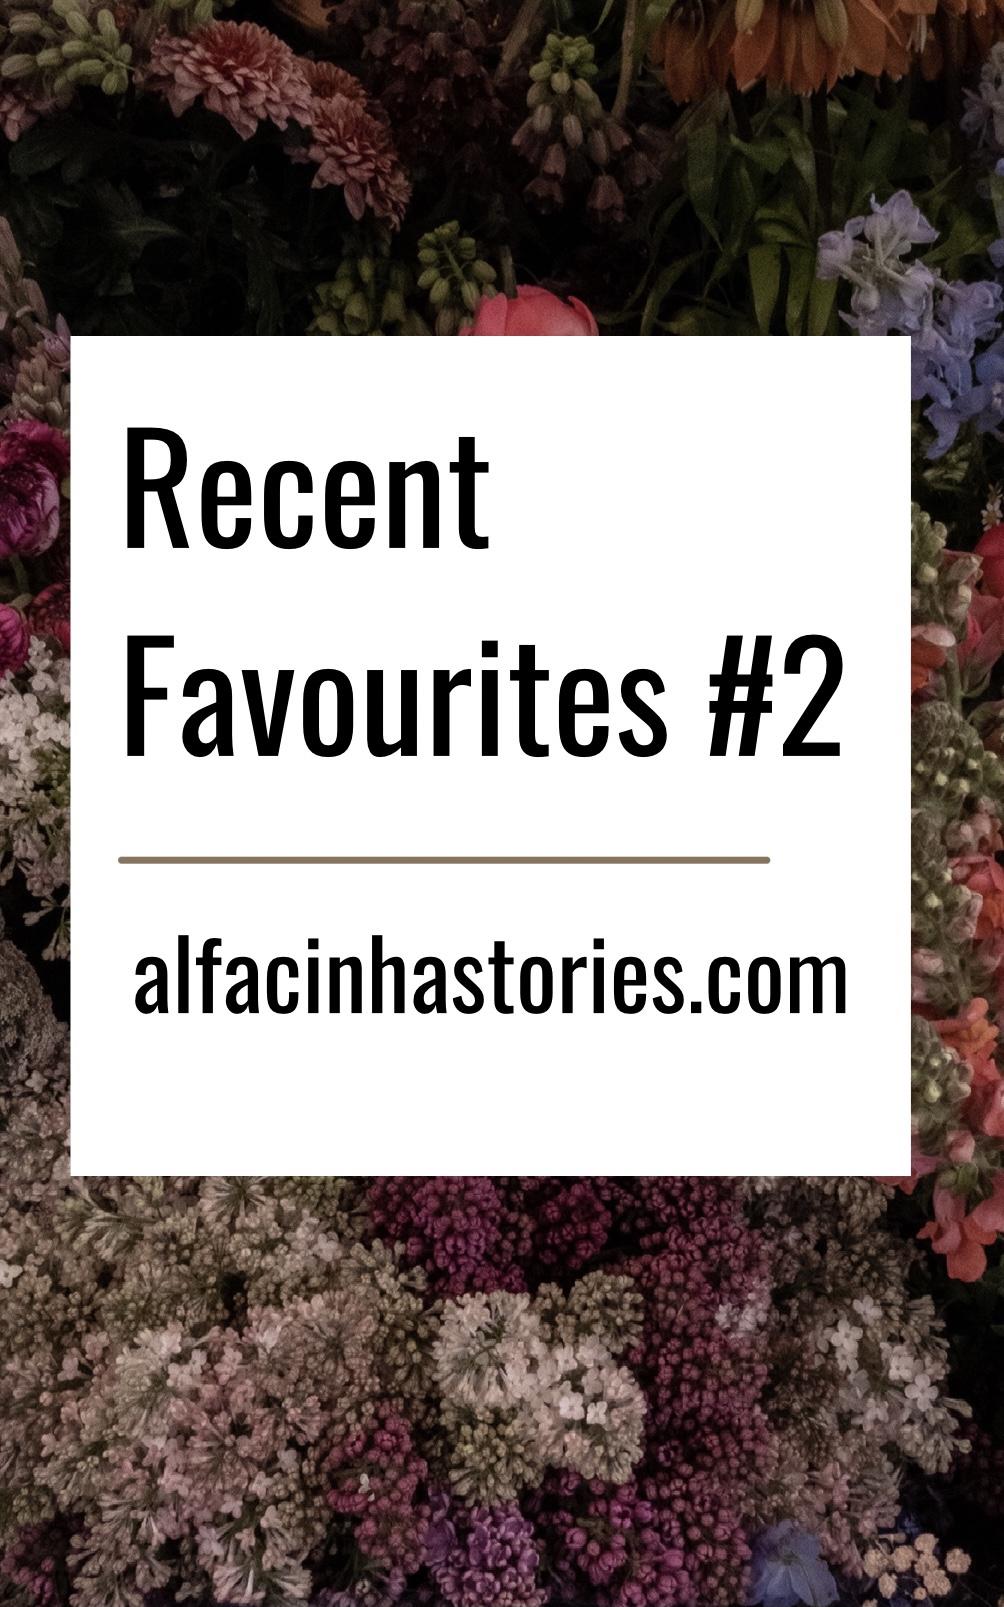 Recent Favourites #2